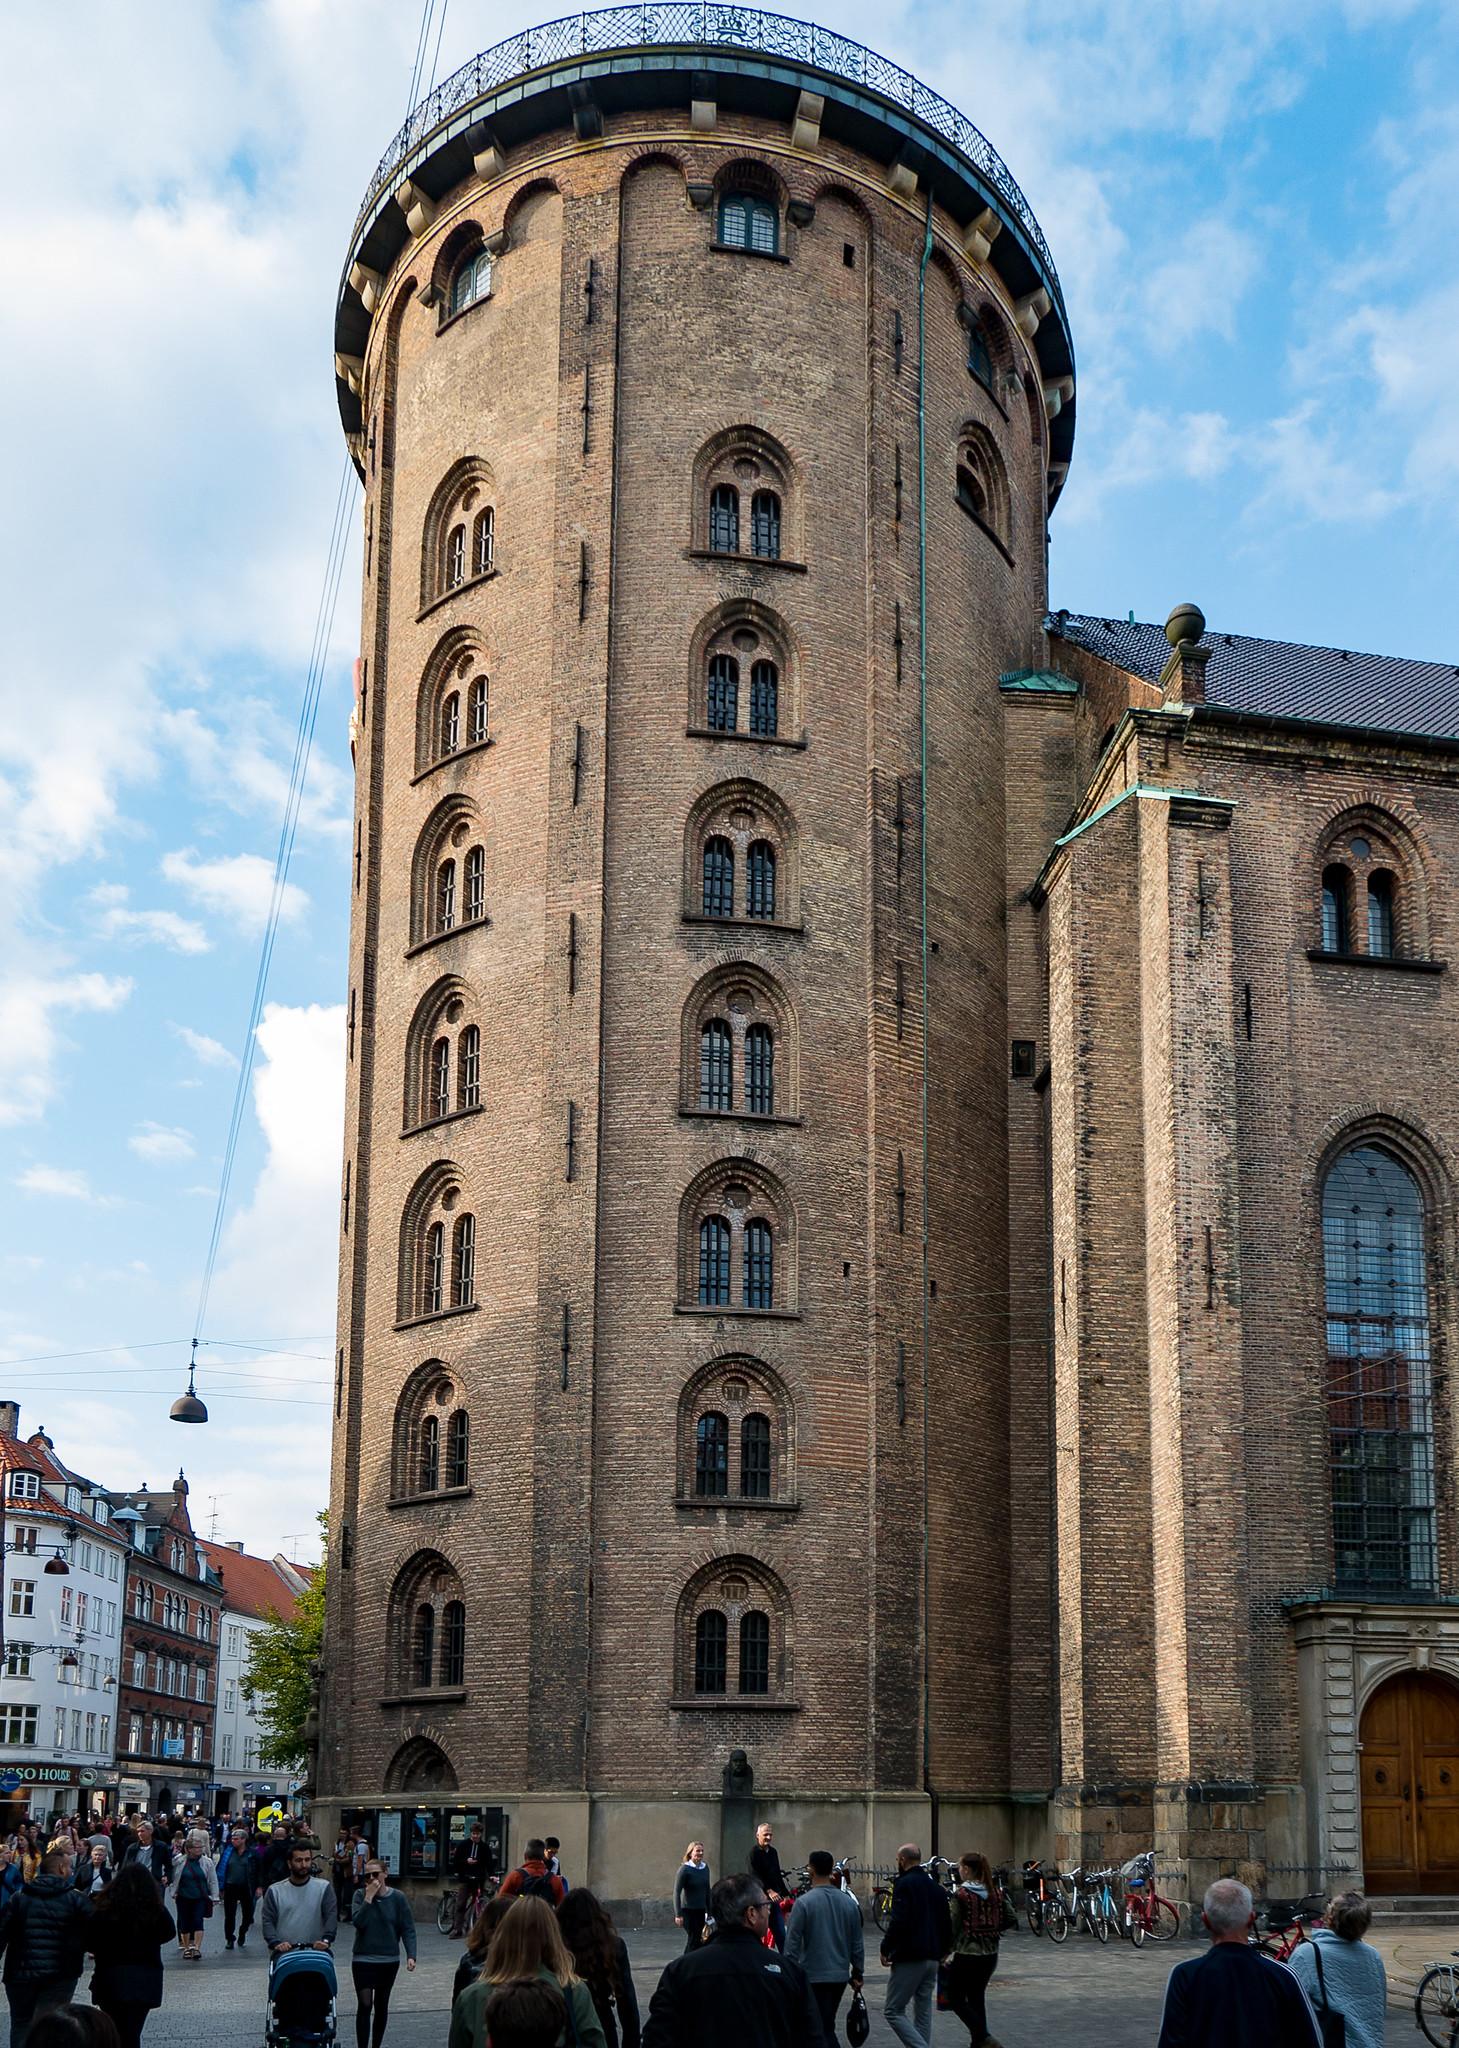 The Round Tower - Popular Tourist Destinations in Copenhagen